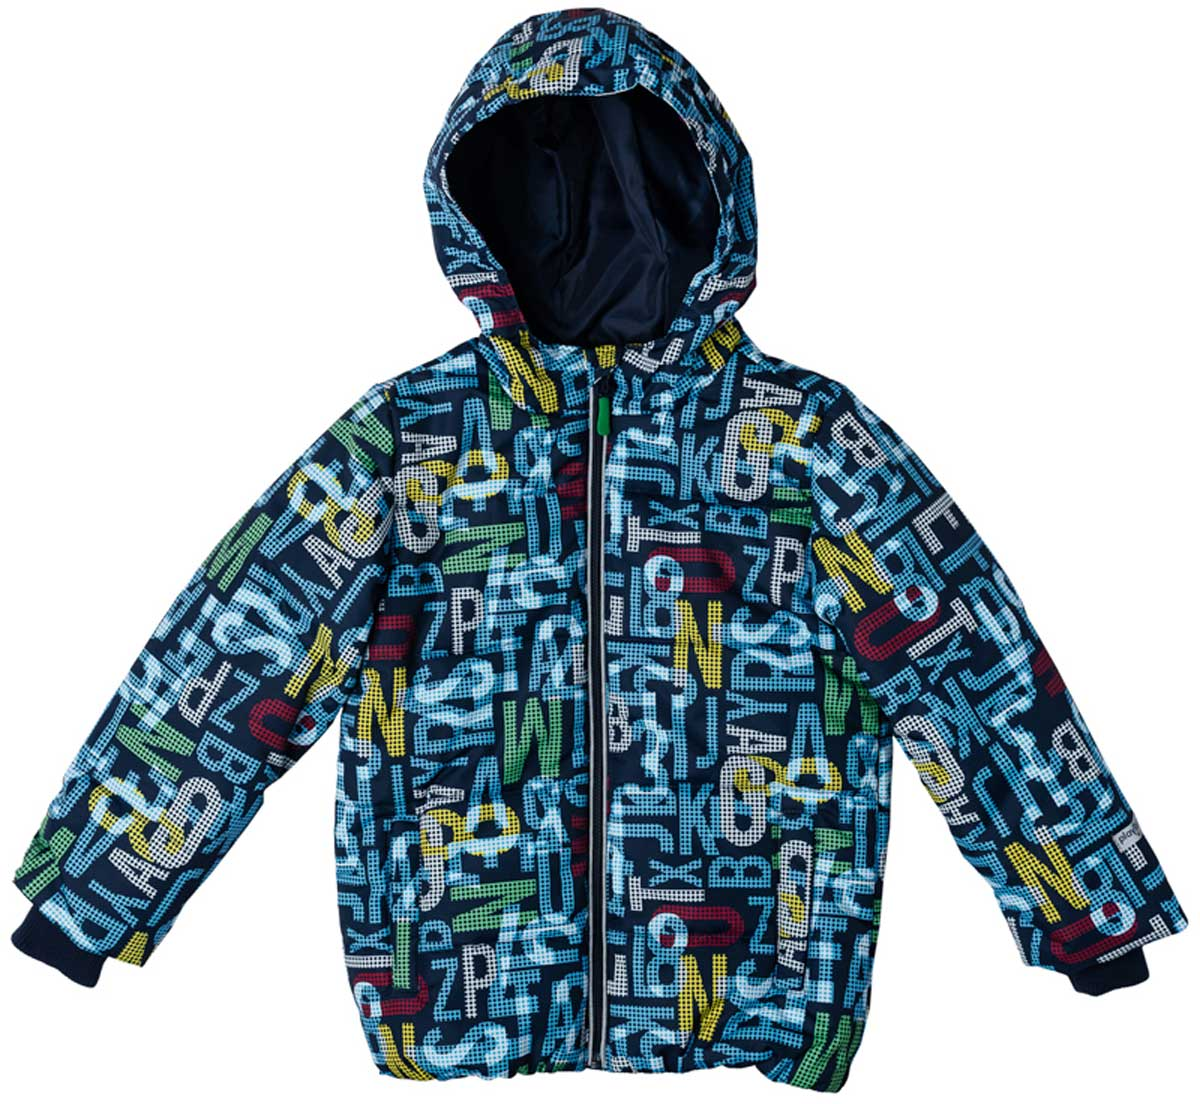 Куртка для мальчика PlayToday, цвет: темно-синий, голубой, темно-зеленый, темно-красный. 171001. Размер 104171001Практичная утепленная куртка со специальной водоотталкивающей пропиткой защитит вашего ребенка в любую погоду! Мягкие трикотажные резинки на рукавах защитят вашего ребенка - ветер не сможет проникнуть под куртку. Специальный карман для фиксации застежки-молнии не позволит застежке травмировать нежную детскую кожу. Даже у самого активного ребенка капюшон не спадет с головы за счет удобного регулируемого шнура - кулиски. Модель снабжена светоотражателями на рукаве и по низу изделия - ваш ребенок будет виден даже в темное время суток